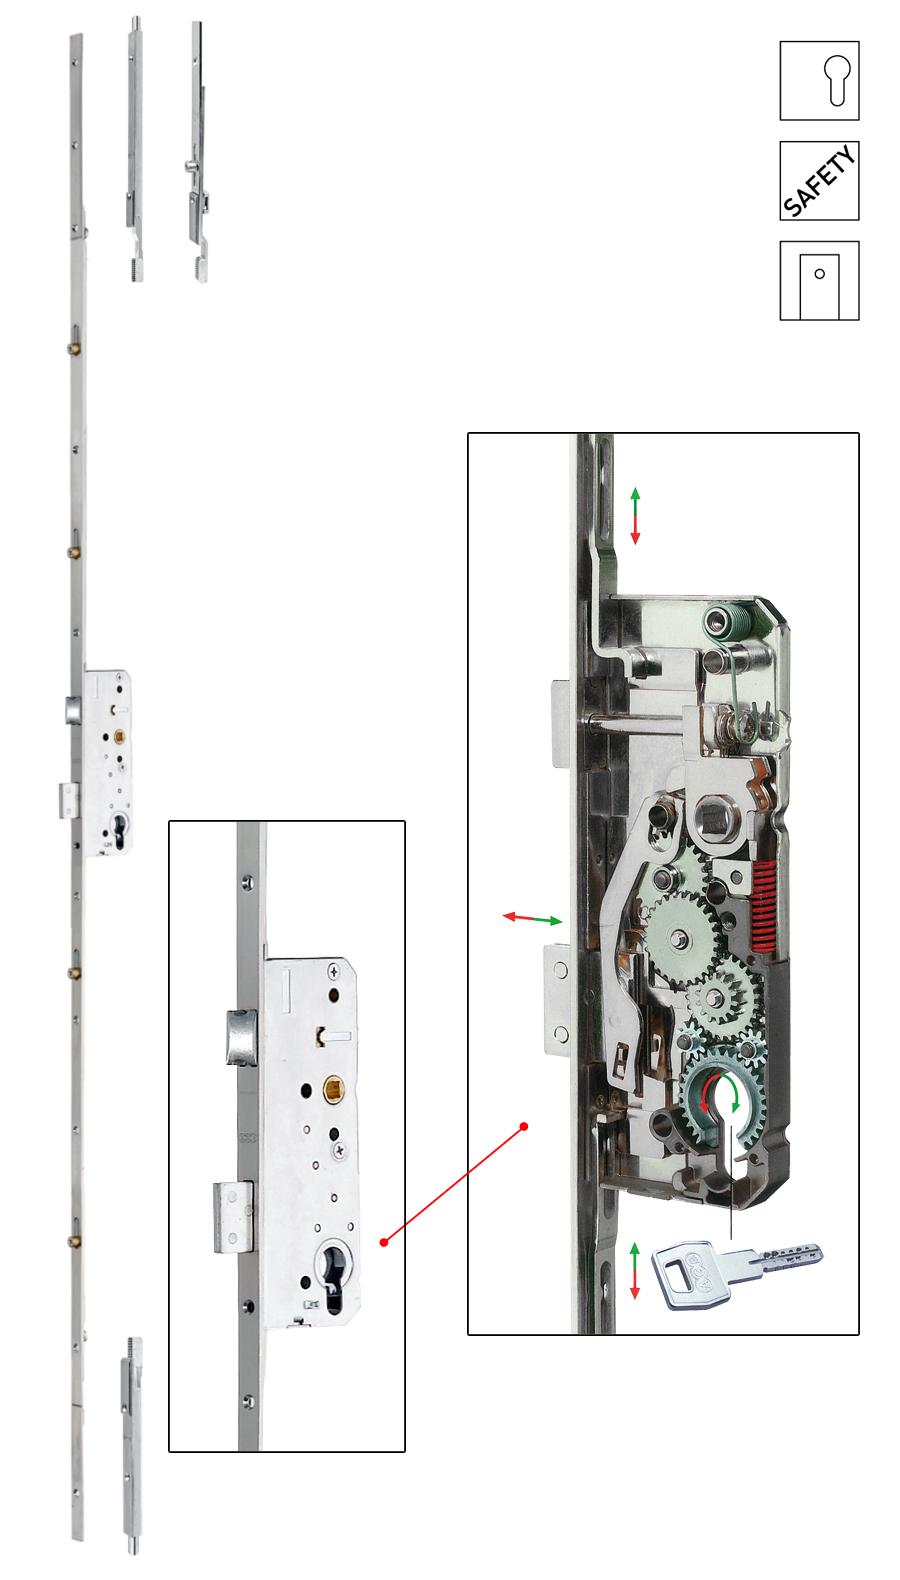 Batista Gomes - F.11400 - SICURTOP - Fechadura embutir multiponto